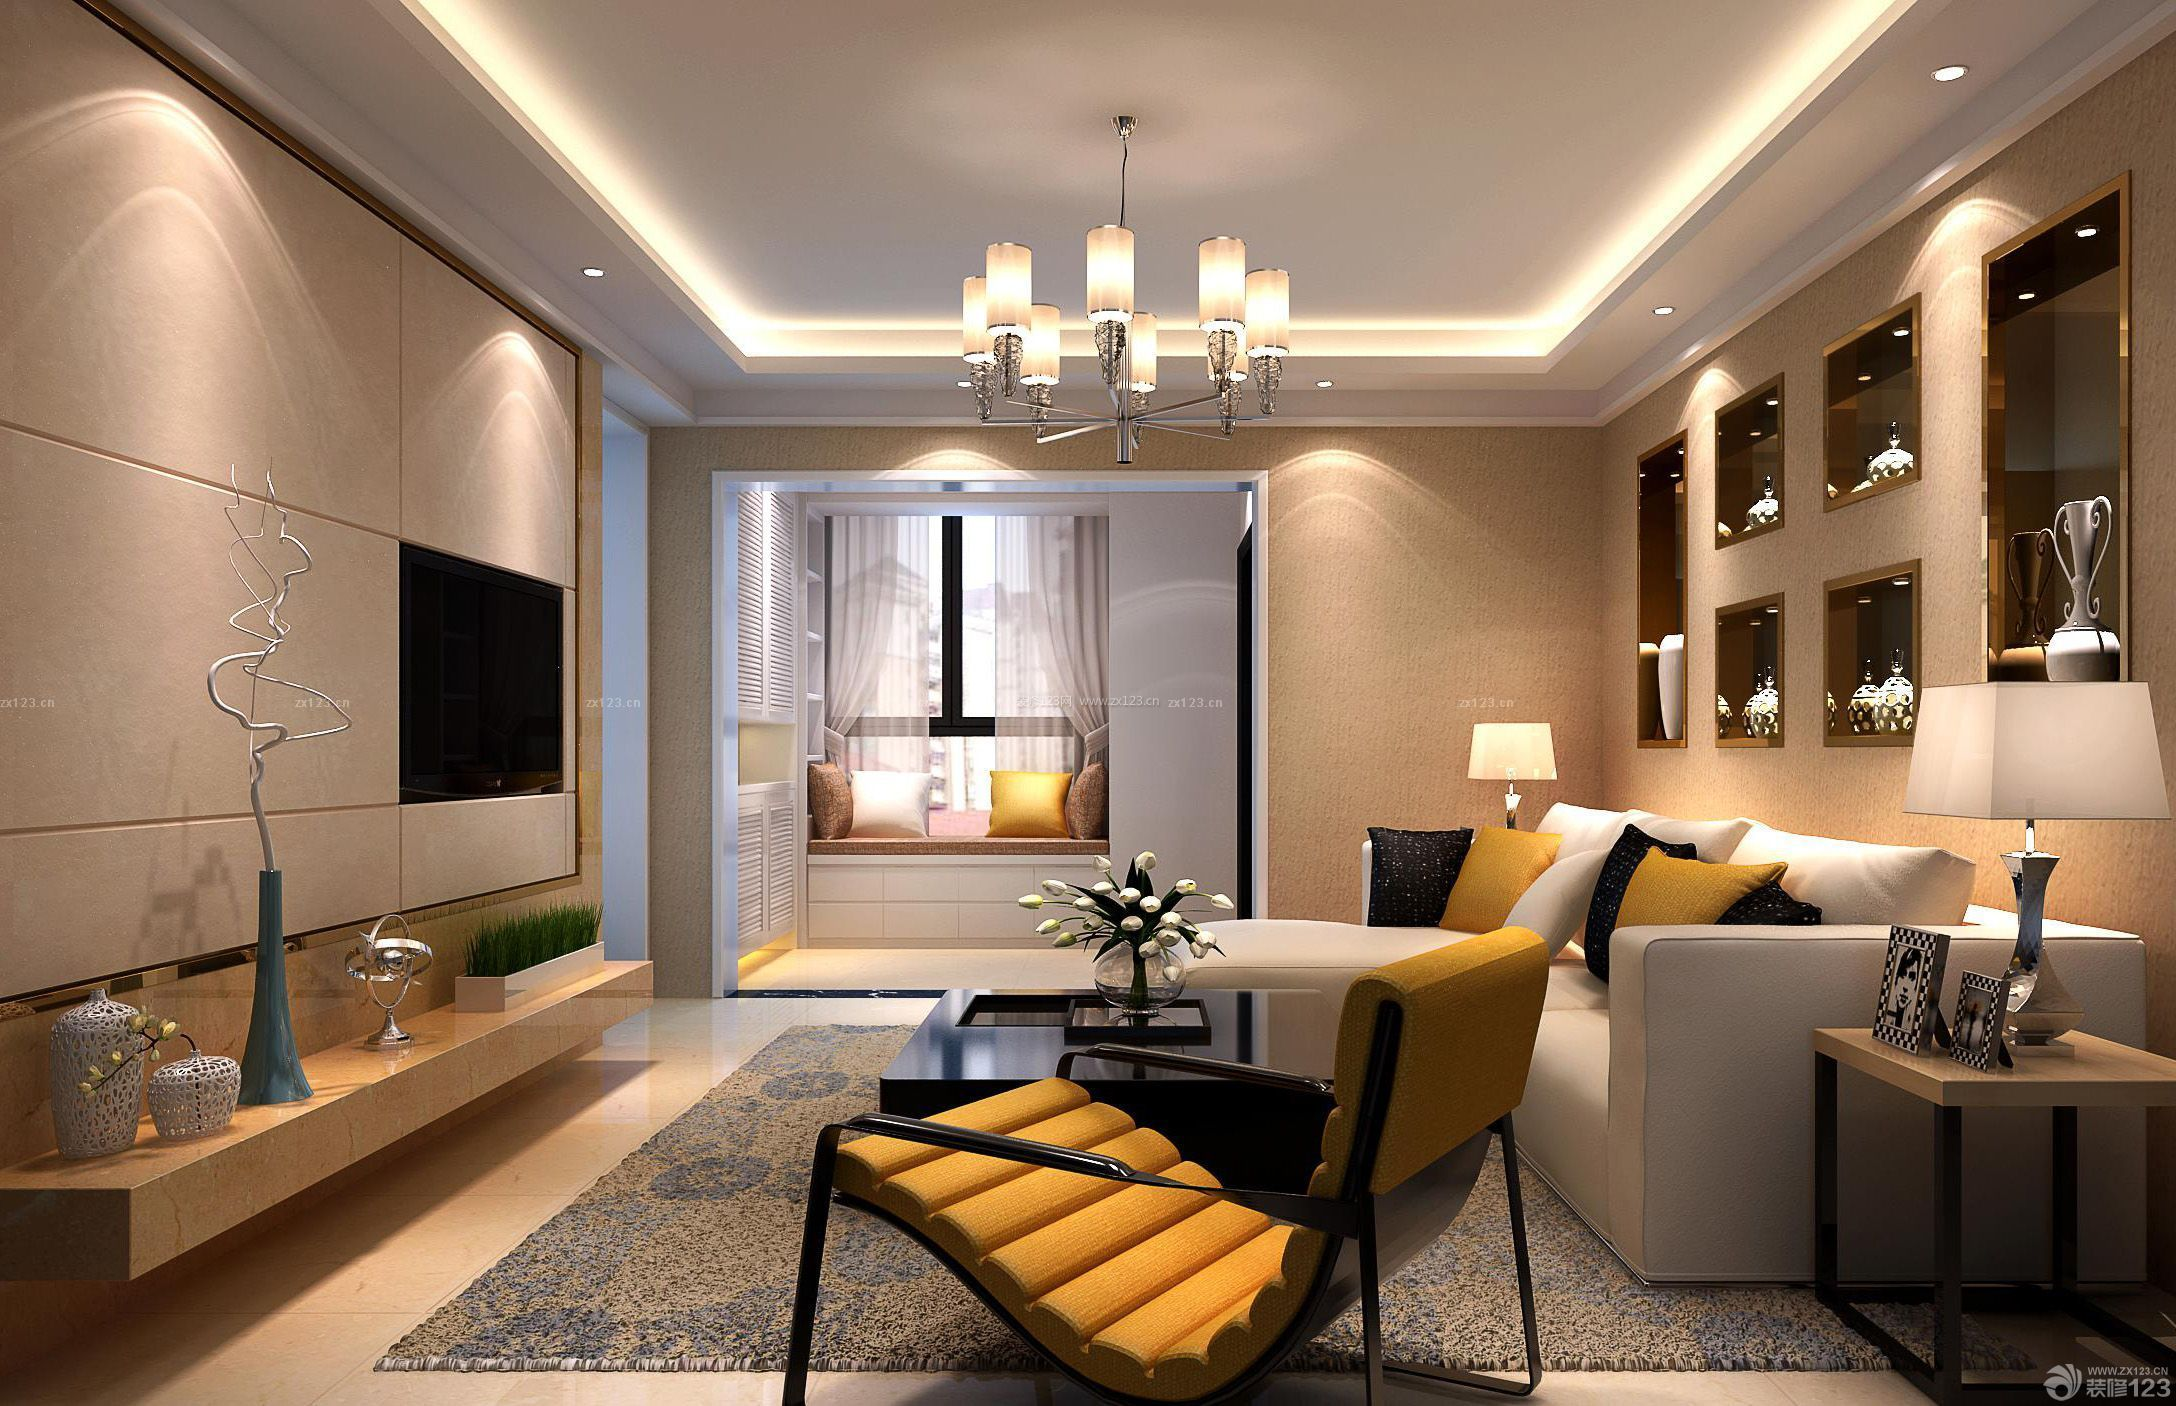 房子吊灯设计修现代欧式简约风格图片